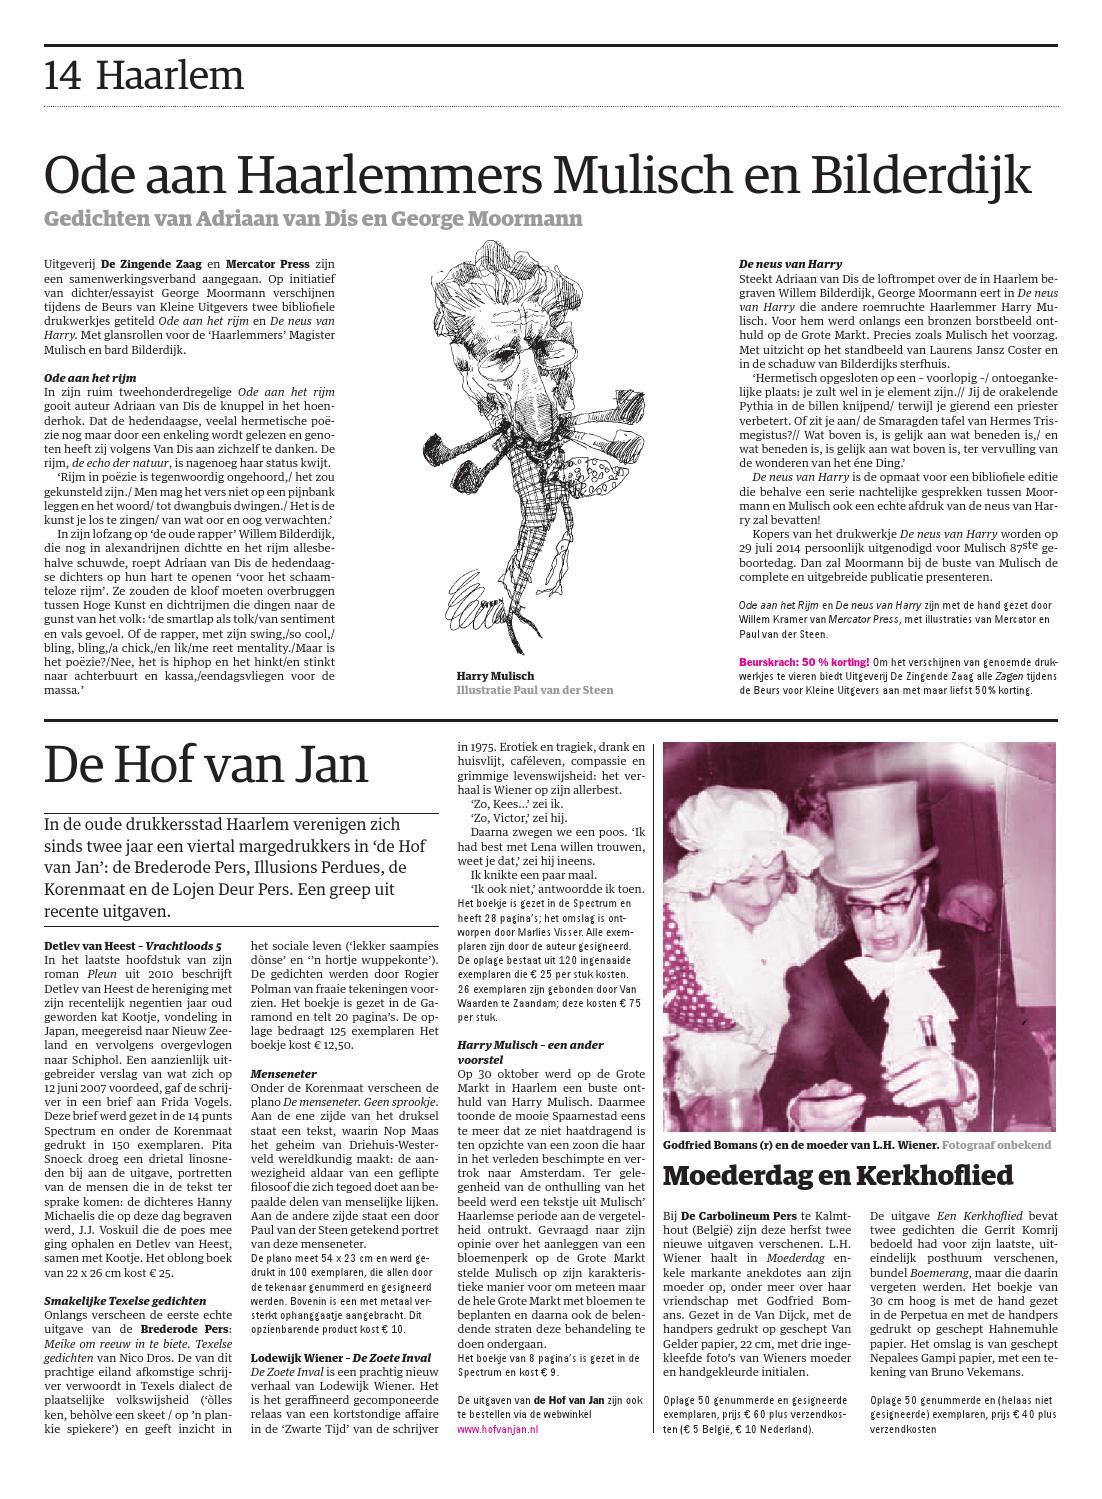 Krant Beurs Van Kleine Uitgevers 2013 By Paradiso Issuu